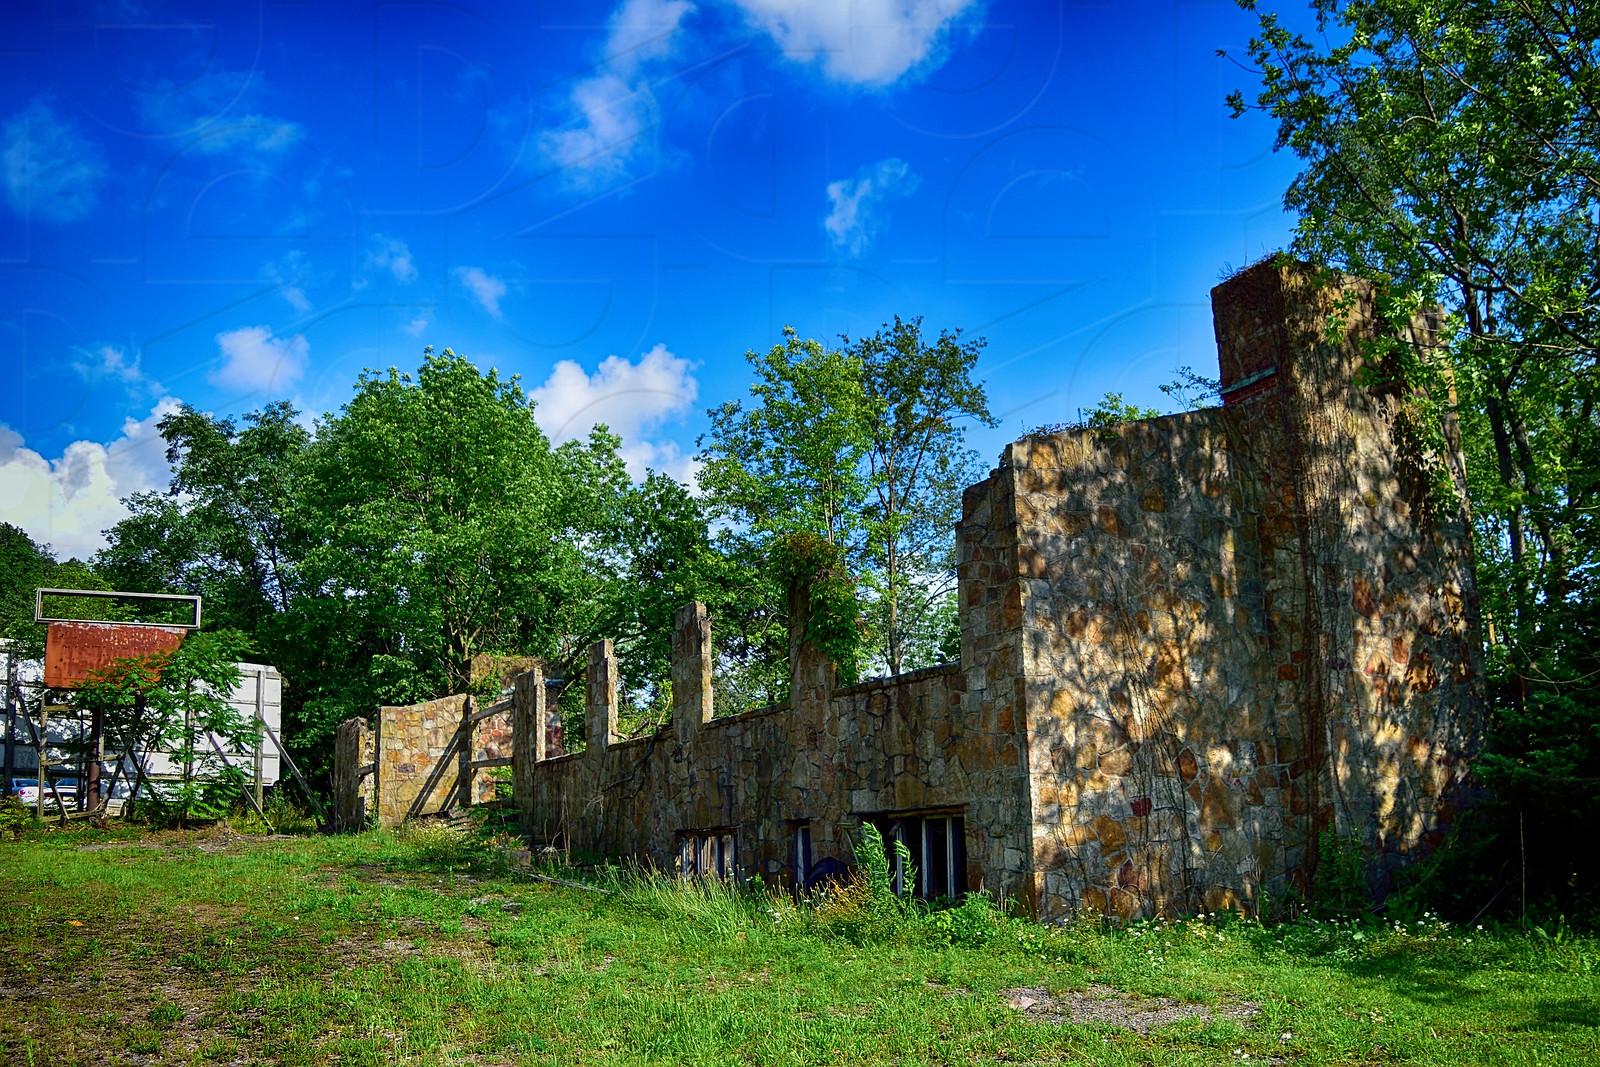 Delaney's Ruins